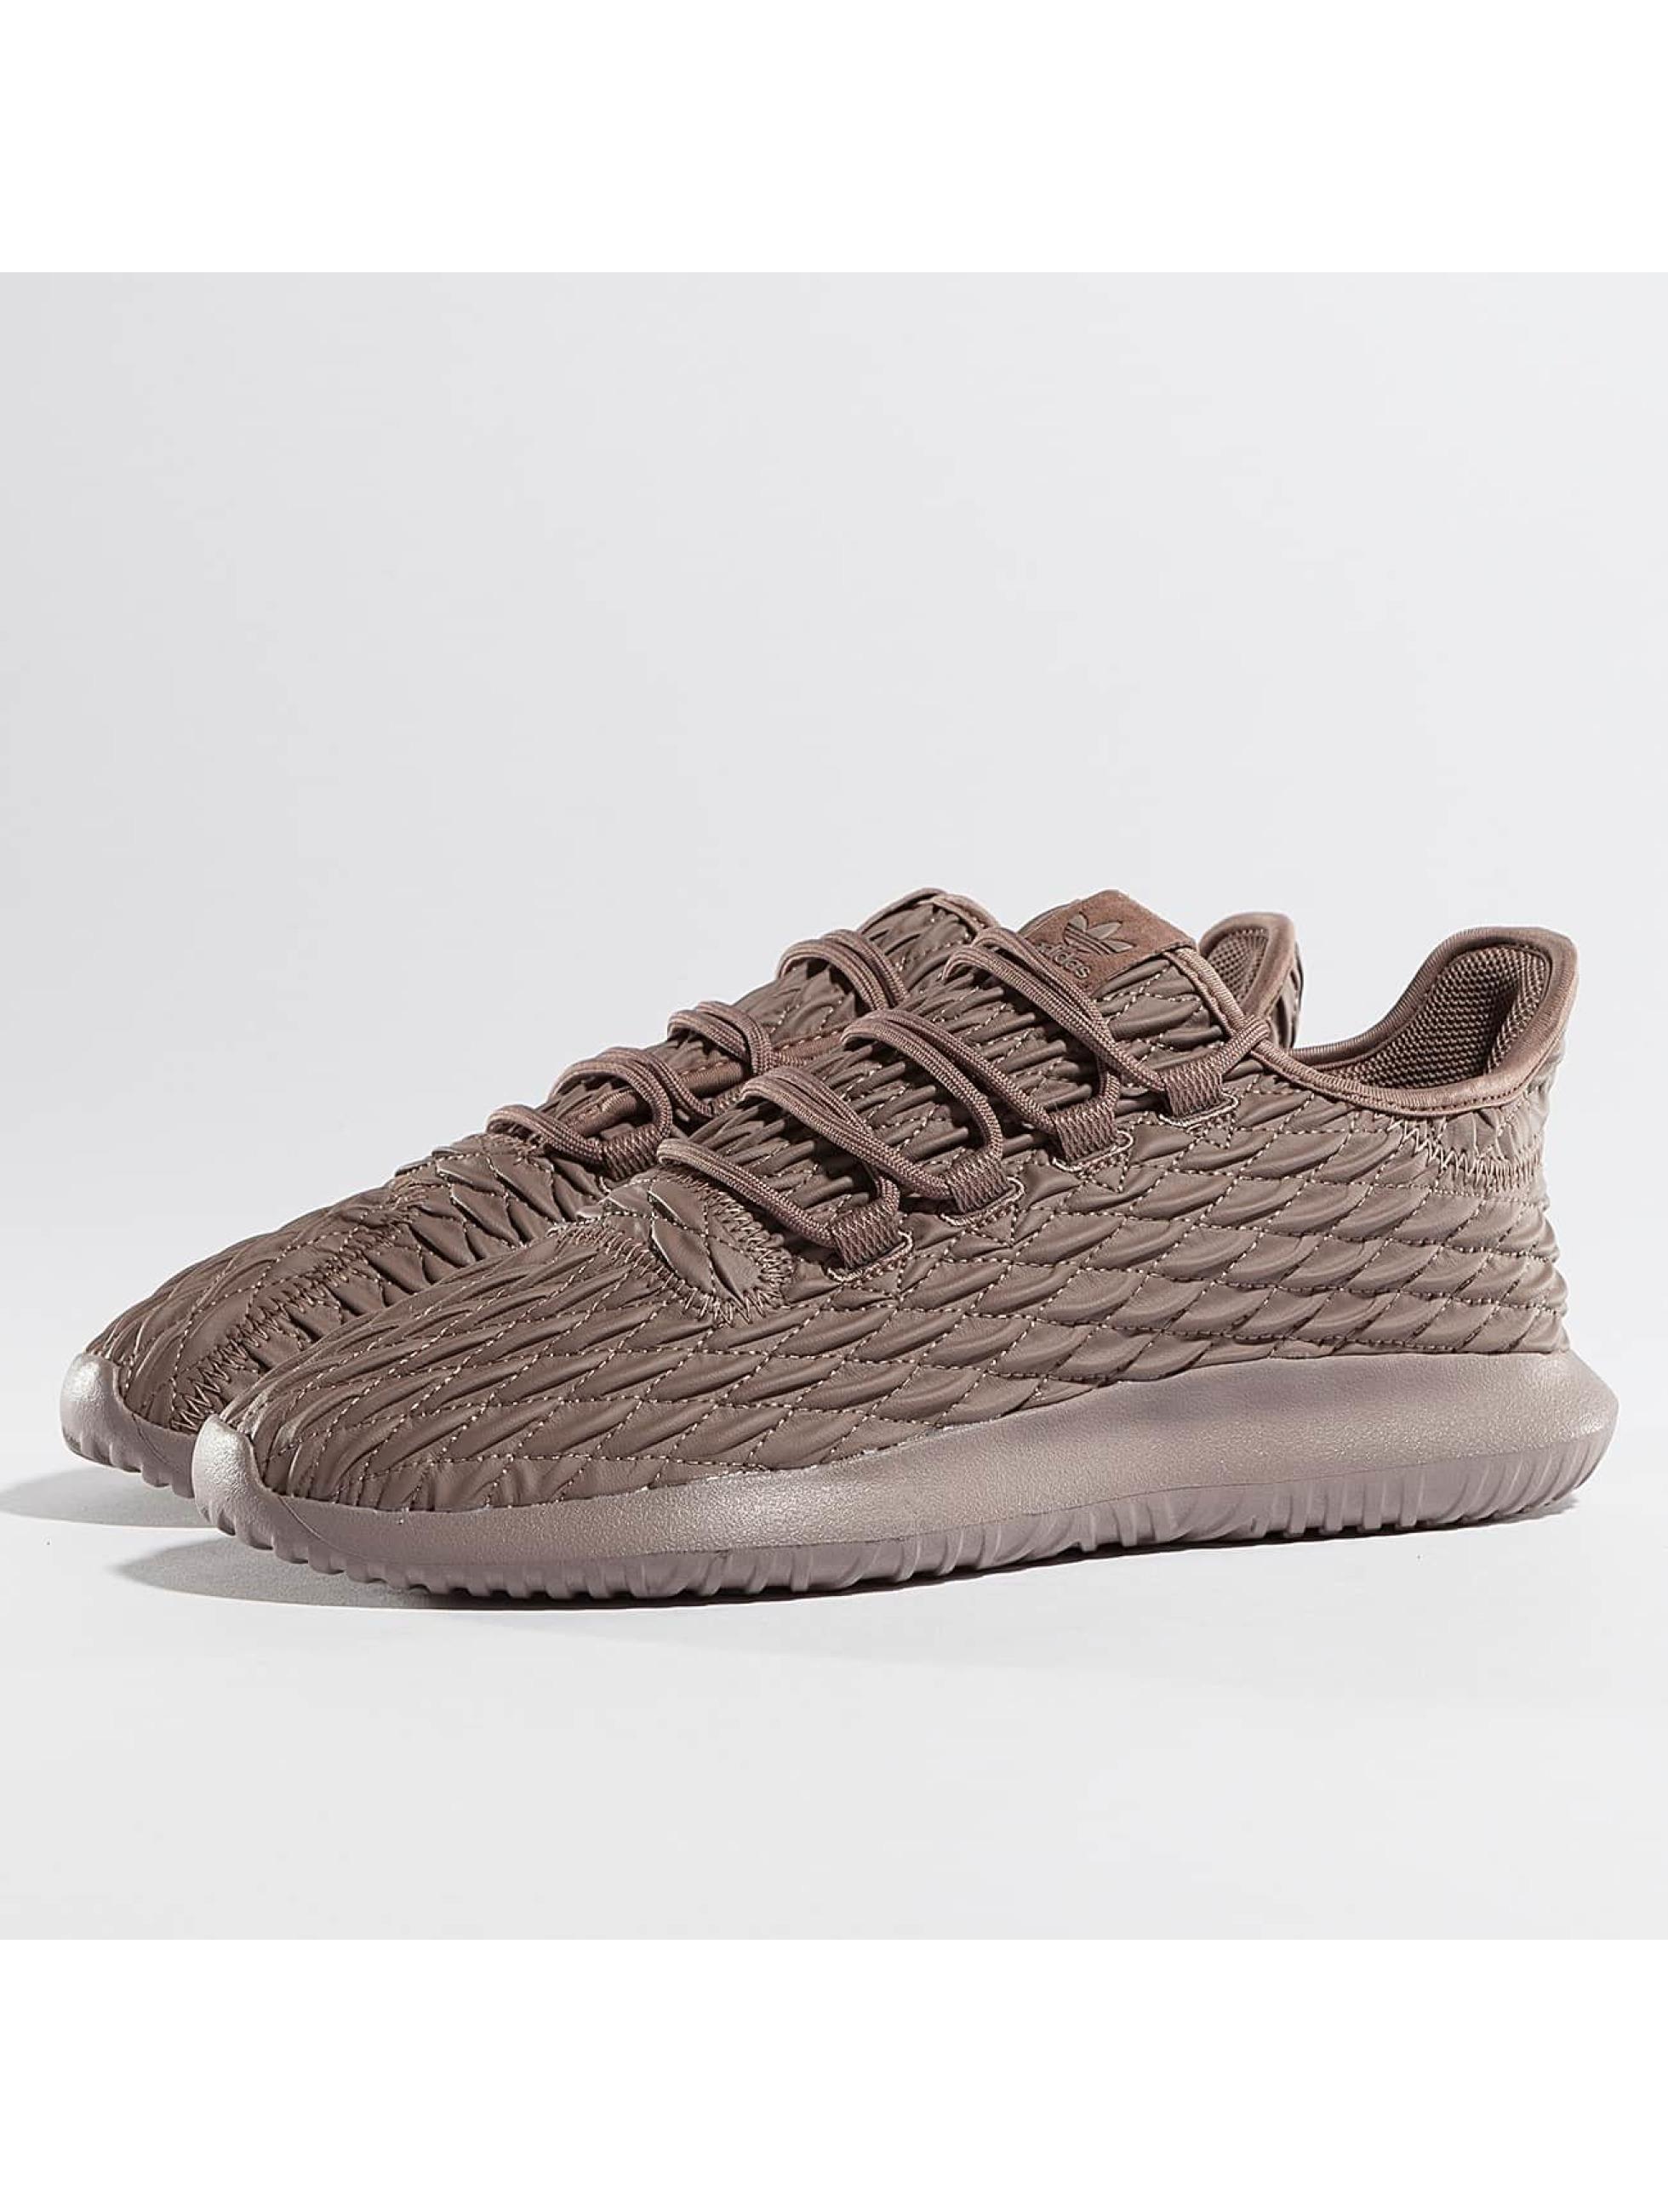 5df5f1bcf80c Adidas Baskets Taille De L ombre Tubulaire Hommes Bruns 40 2 3 1jzDpf